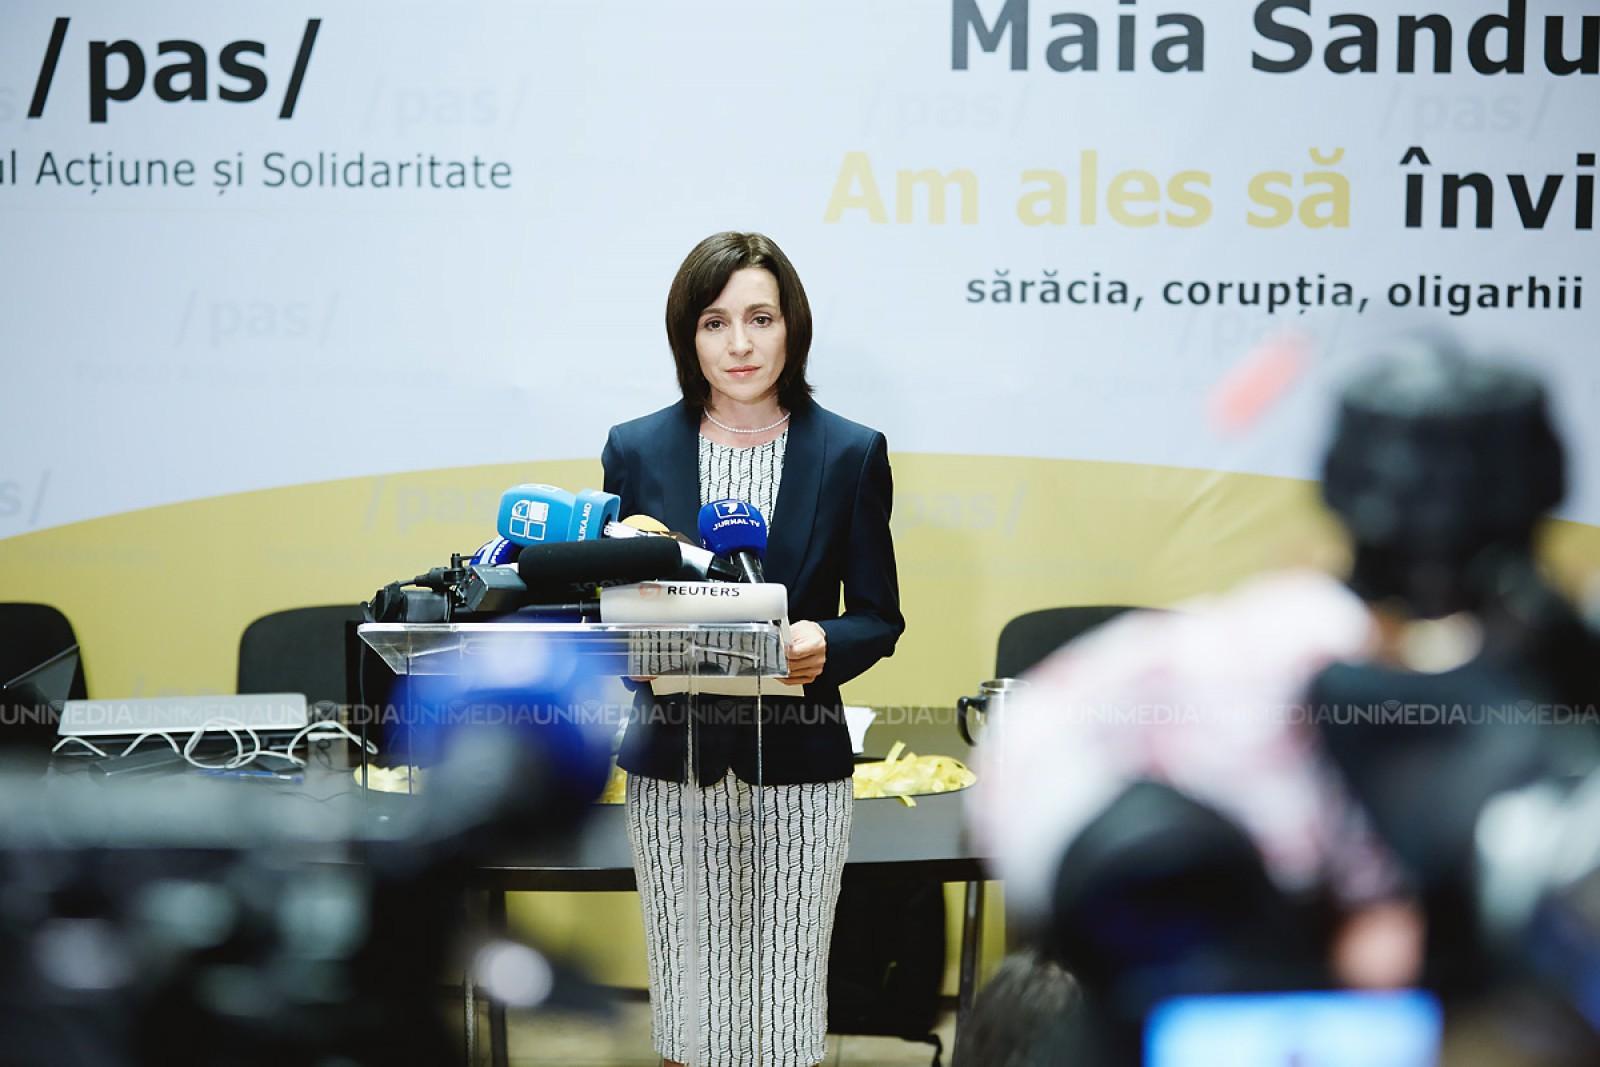 Partidul Acțiune și Solidaritate va decide miercuri ce face la alegerile locale din Chișinău